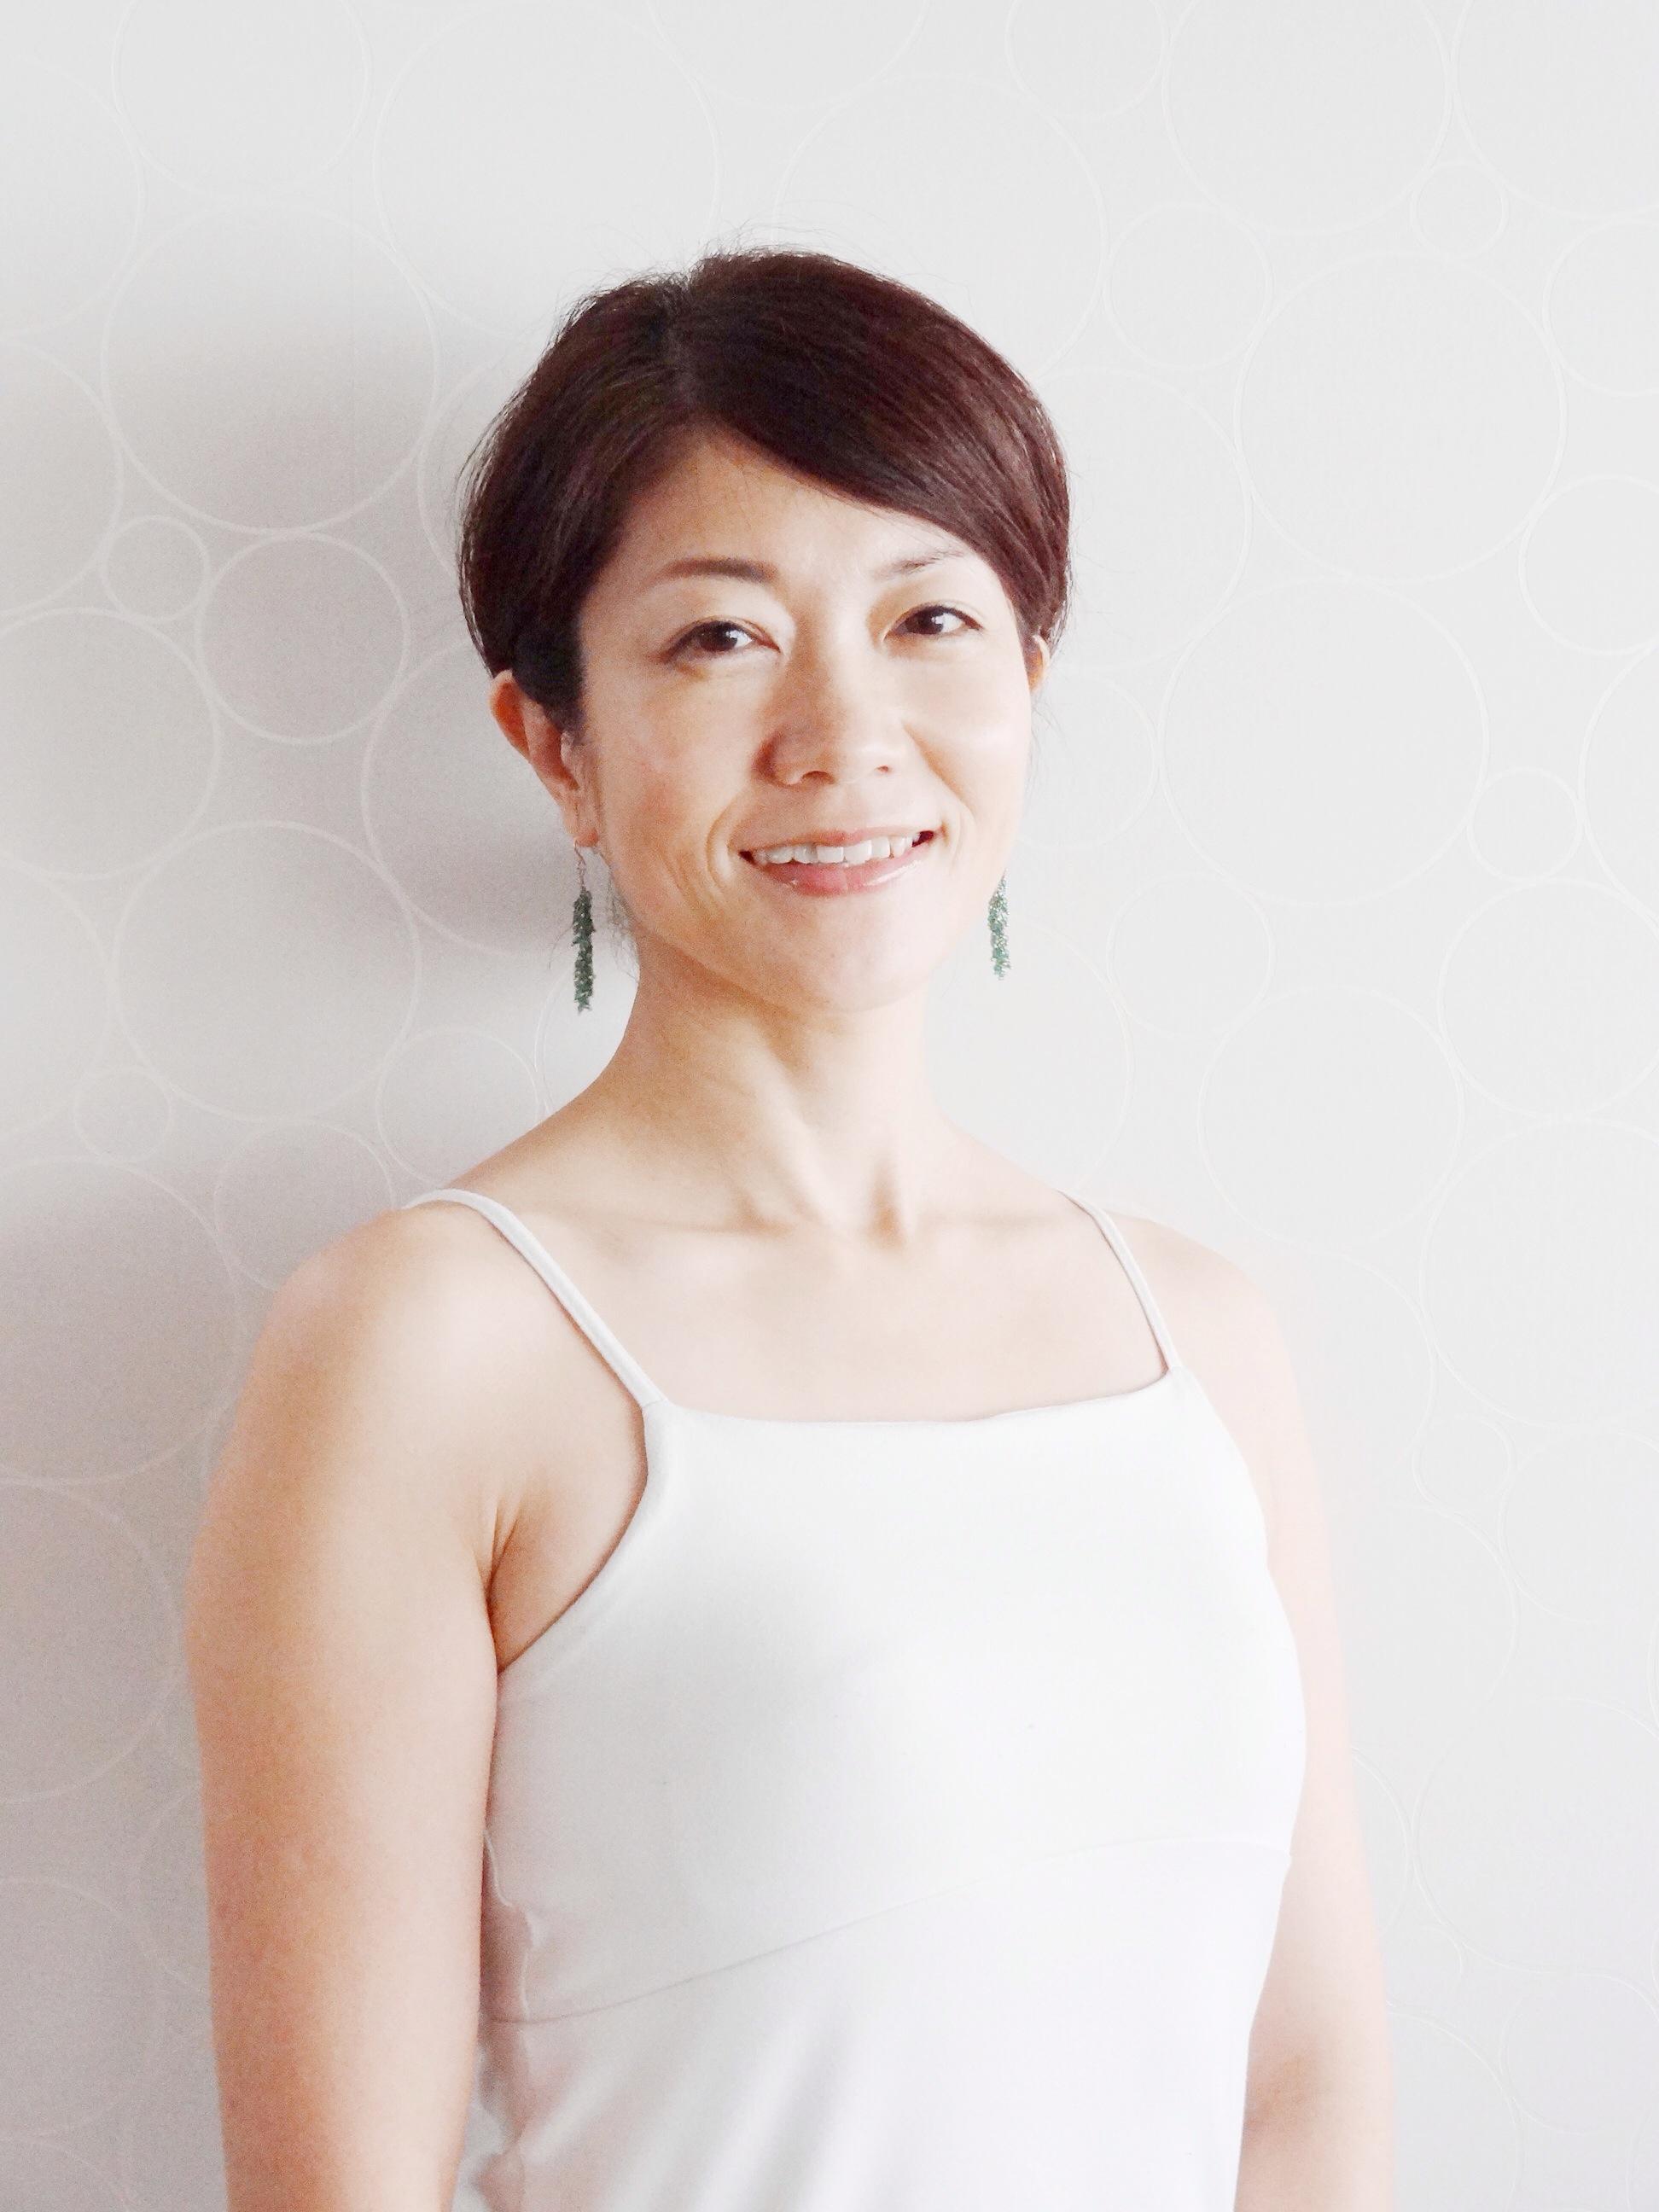 YMC YOGA studio 名古屋店 - Miki(ミキ)さんの写真